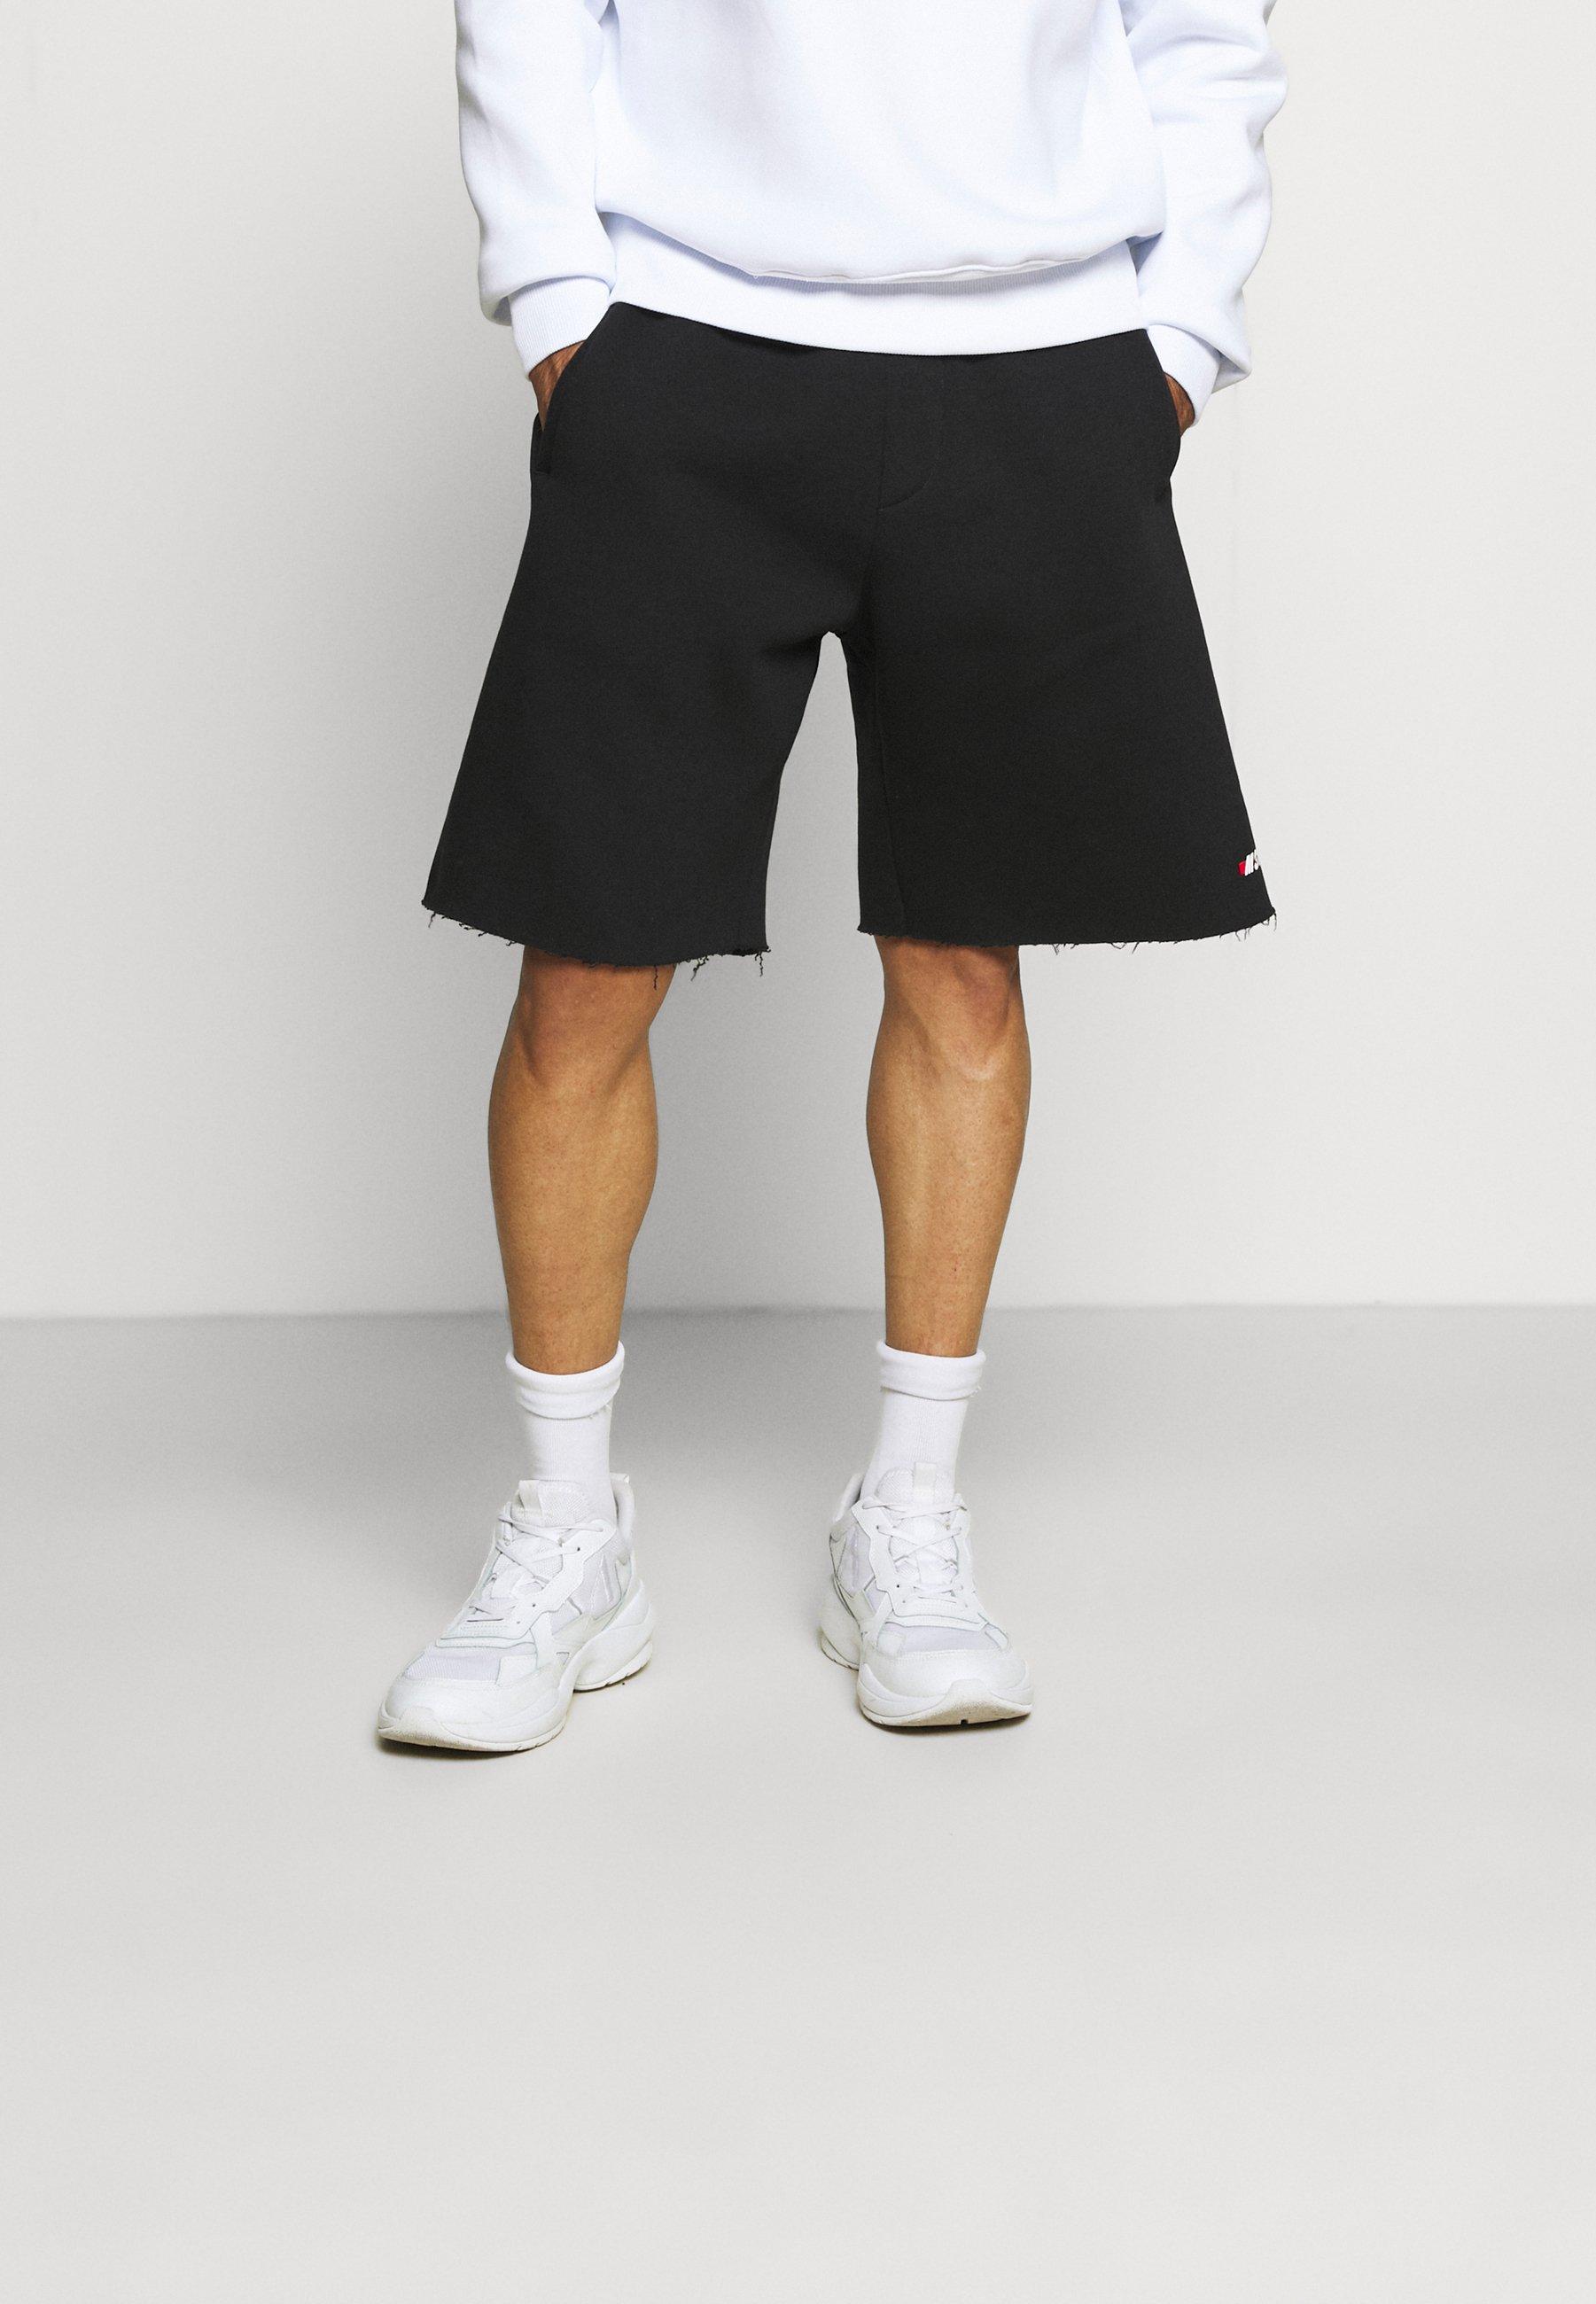 Herren BERMUDA SHORTS - kurze Sporthose